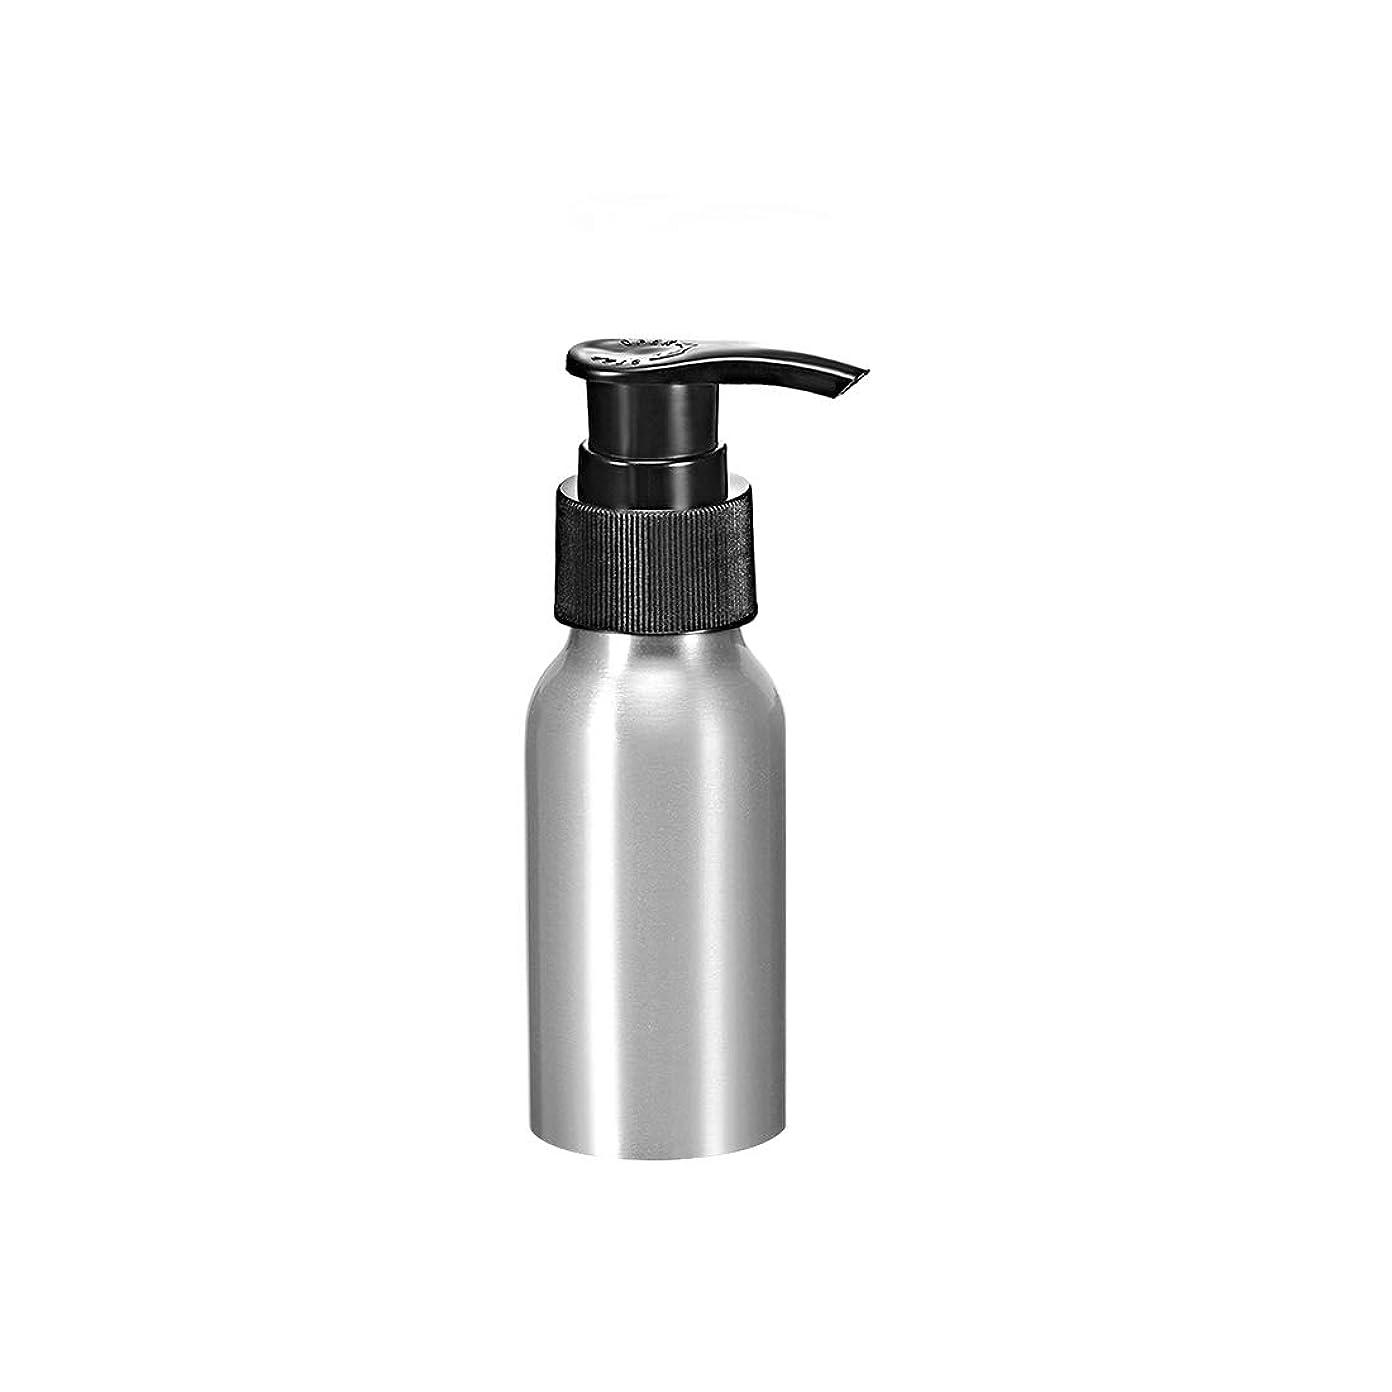 ピューピカリングウッズuxcell uxcell アルミスプレーボトル ブラックファインミストスプレー付き 空の詰め替え式コンテナ トラベルボトル 1.7oz/50ml